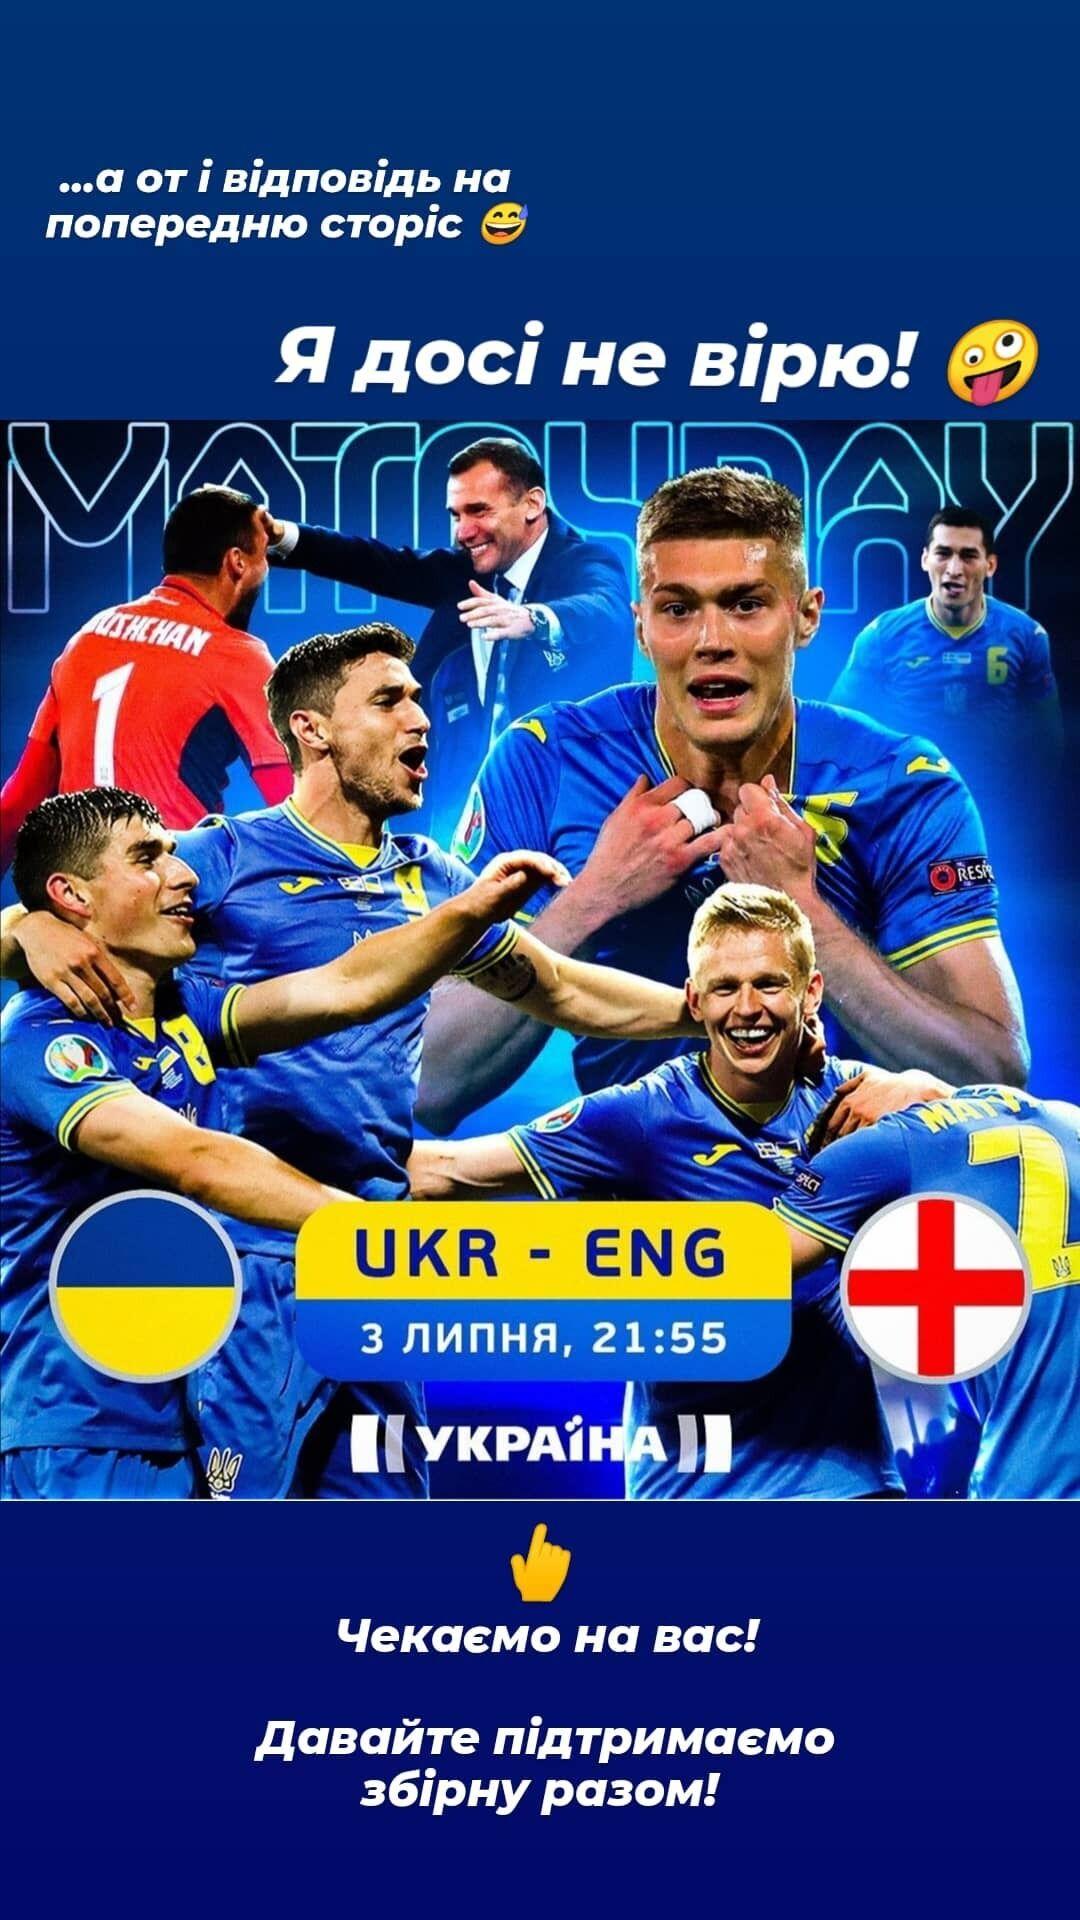 Шалота будет комментировать матч с Англией